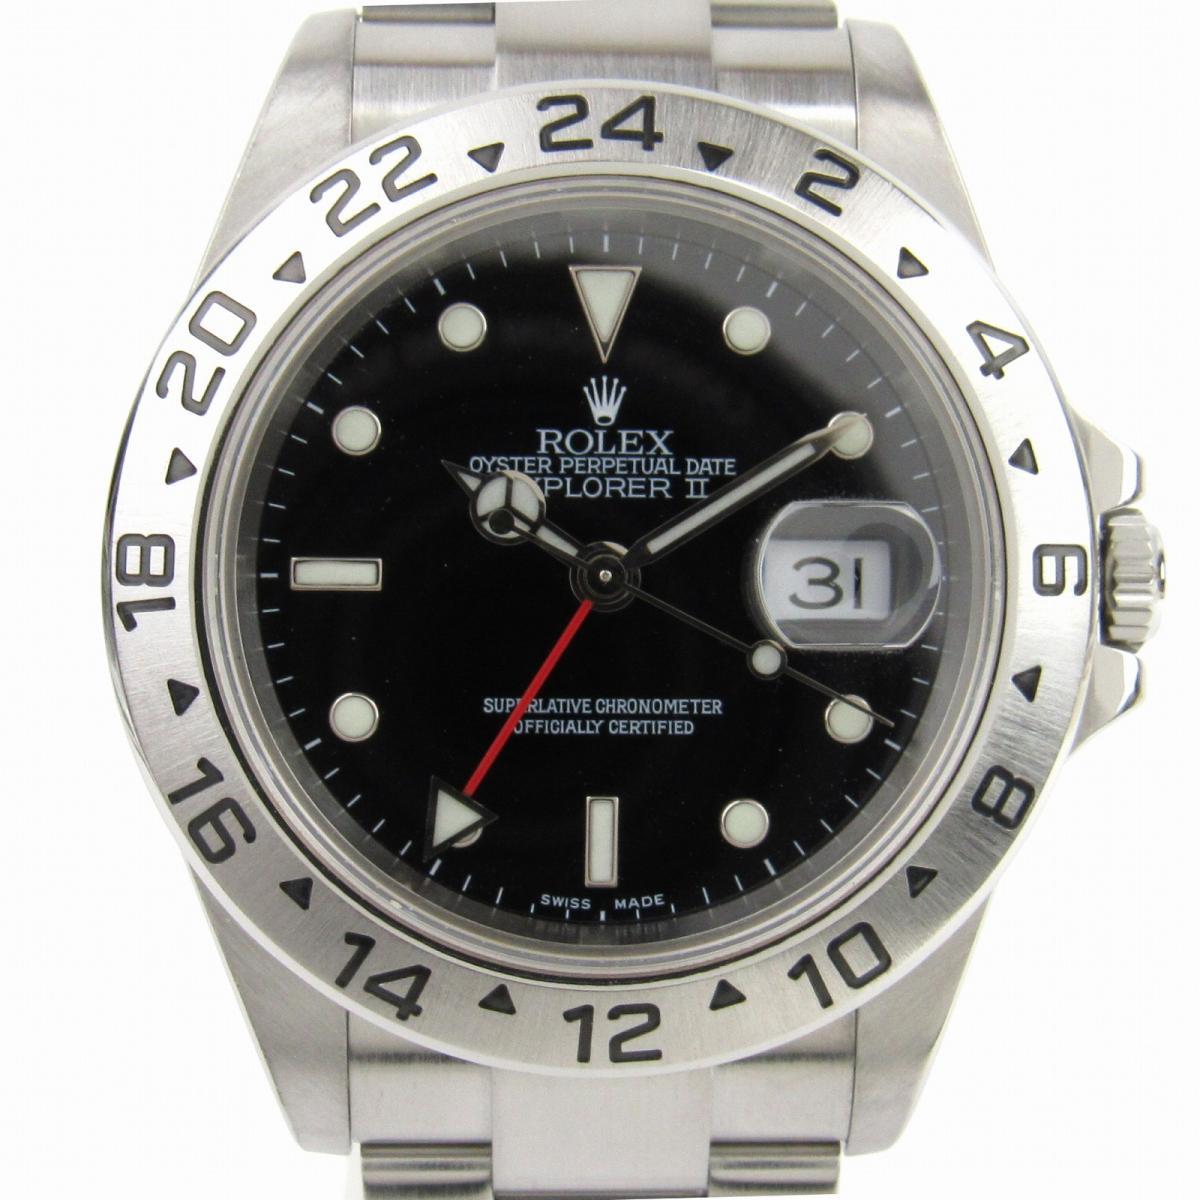 【中古】 ロレックス エクスプローラー2 ウォッチ 腕時計 メンズ ステンレススチール (SS) (16570) | ROLEX BRANDOFF ブランドオフ ブランド ブランド時計 ブランド腕時計 時計